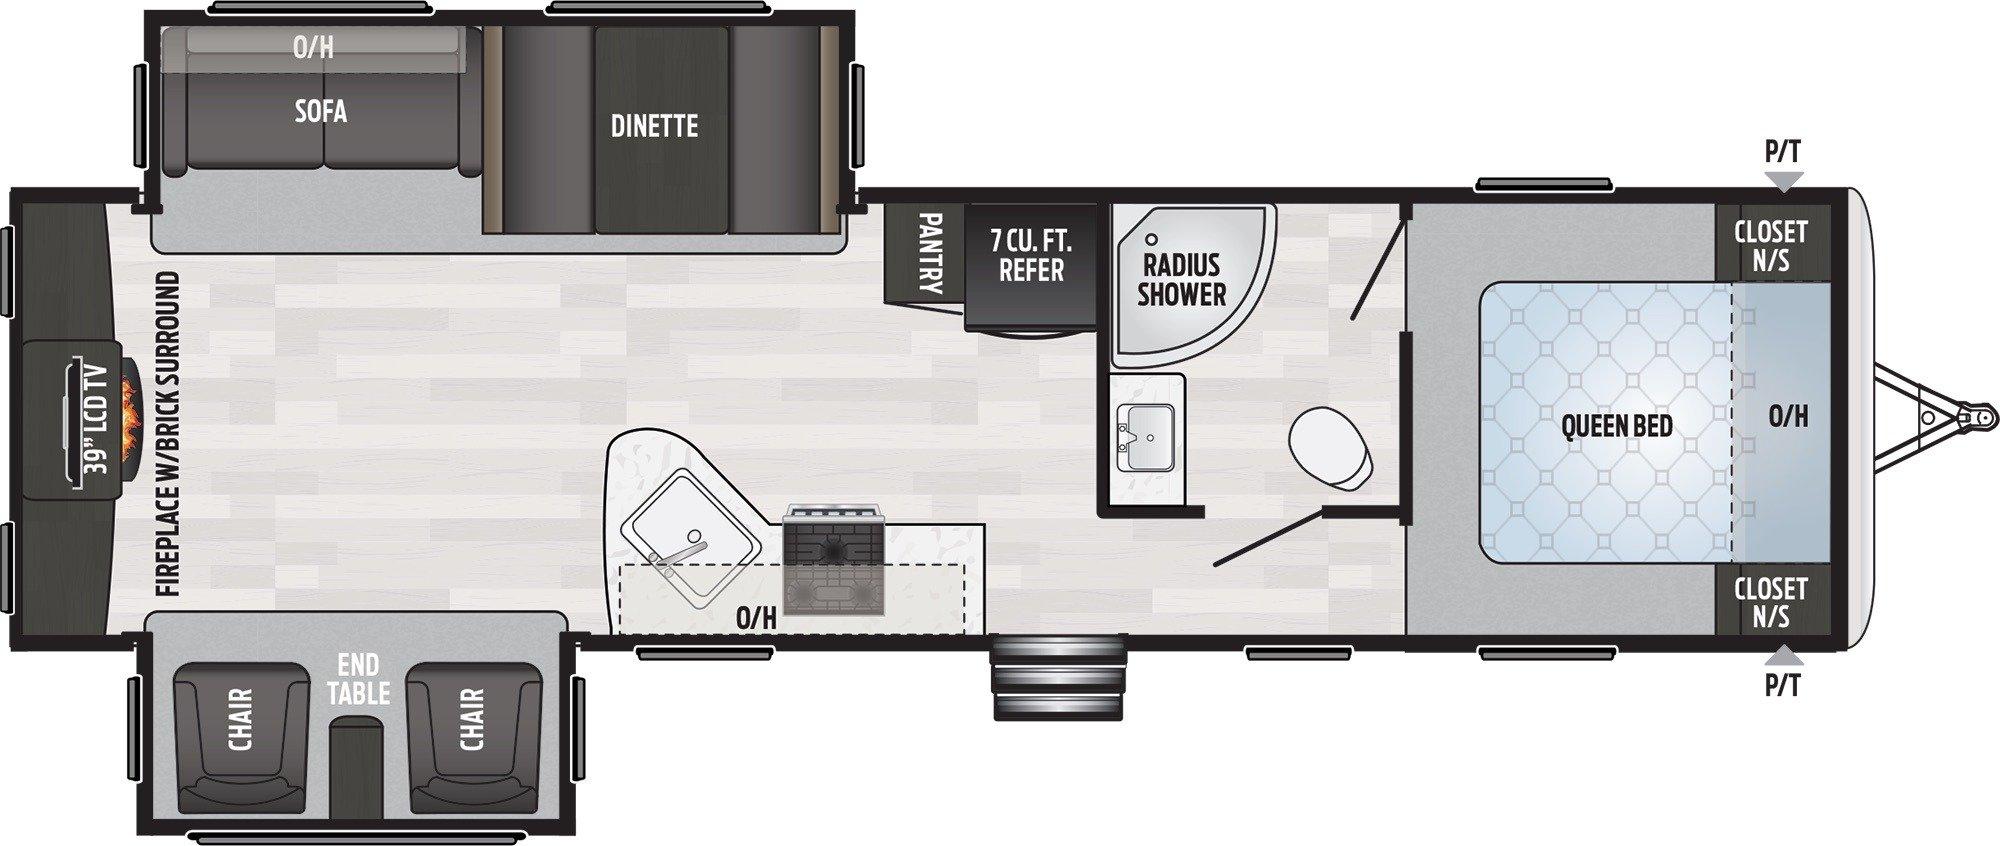 View Floor Plan for 2019 KEYSTONE SPRINGDALE 311RE